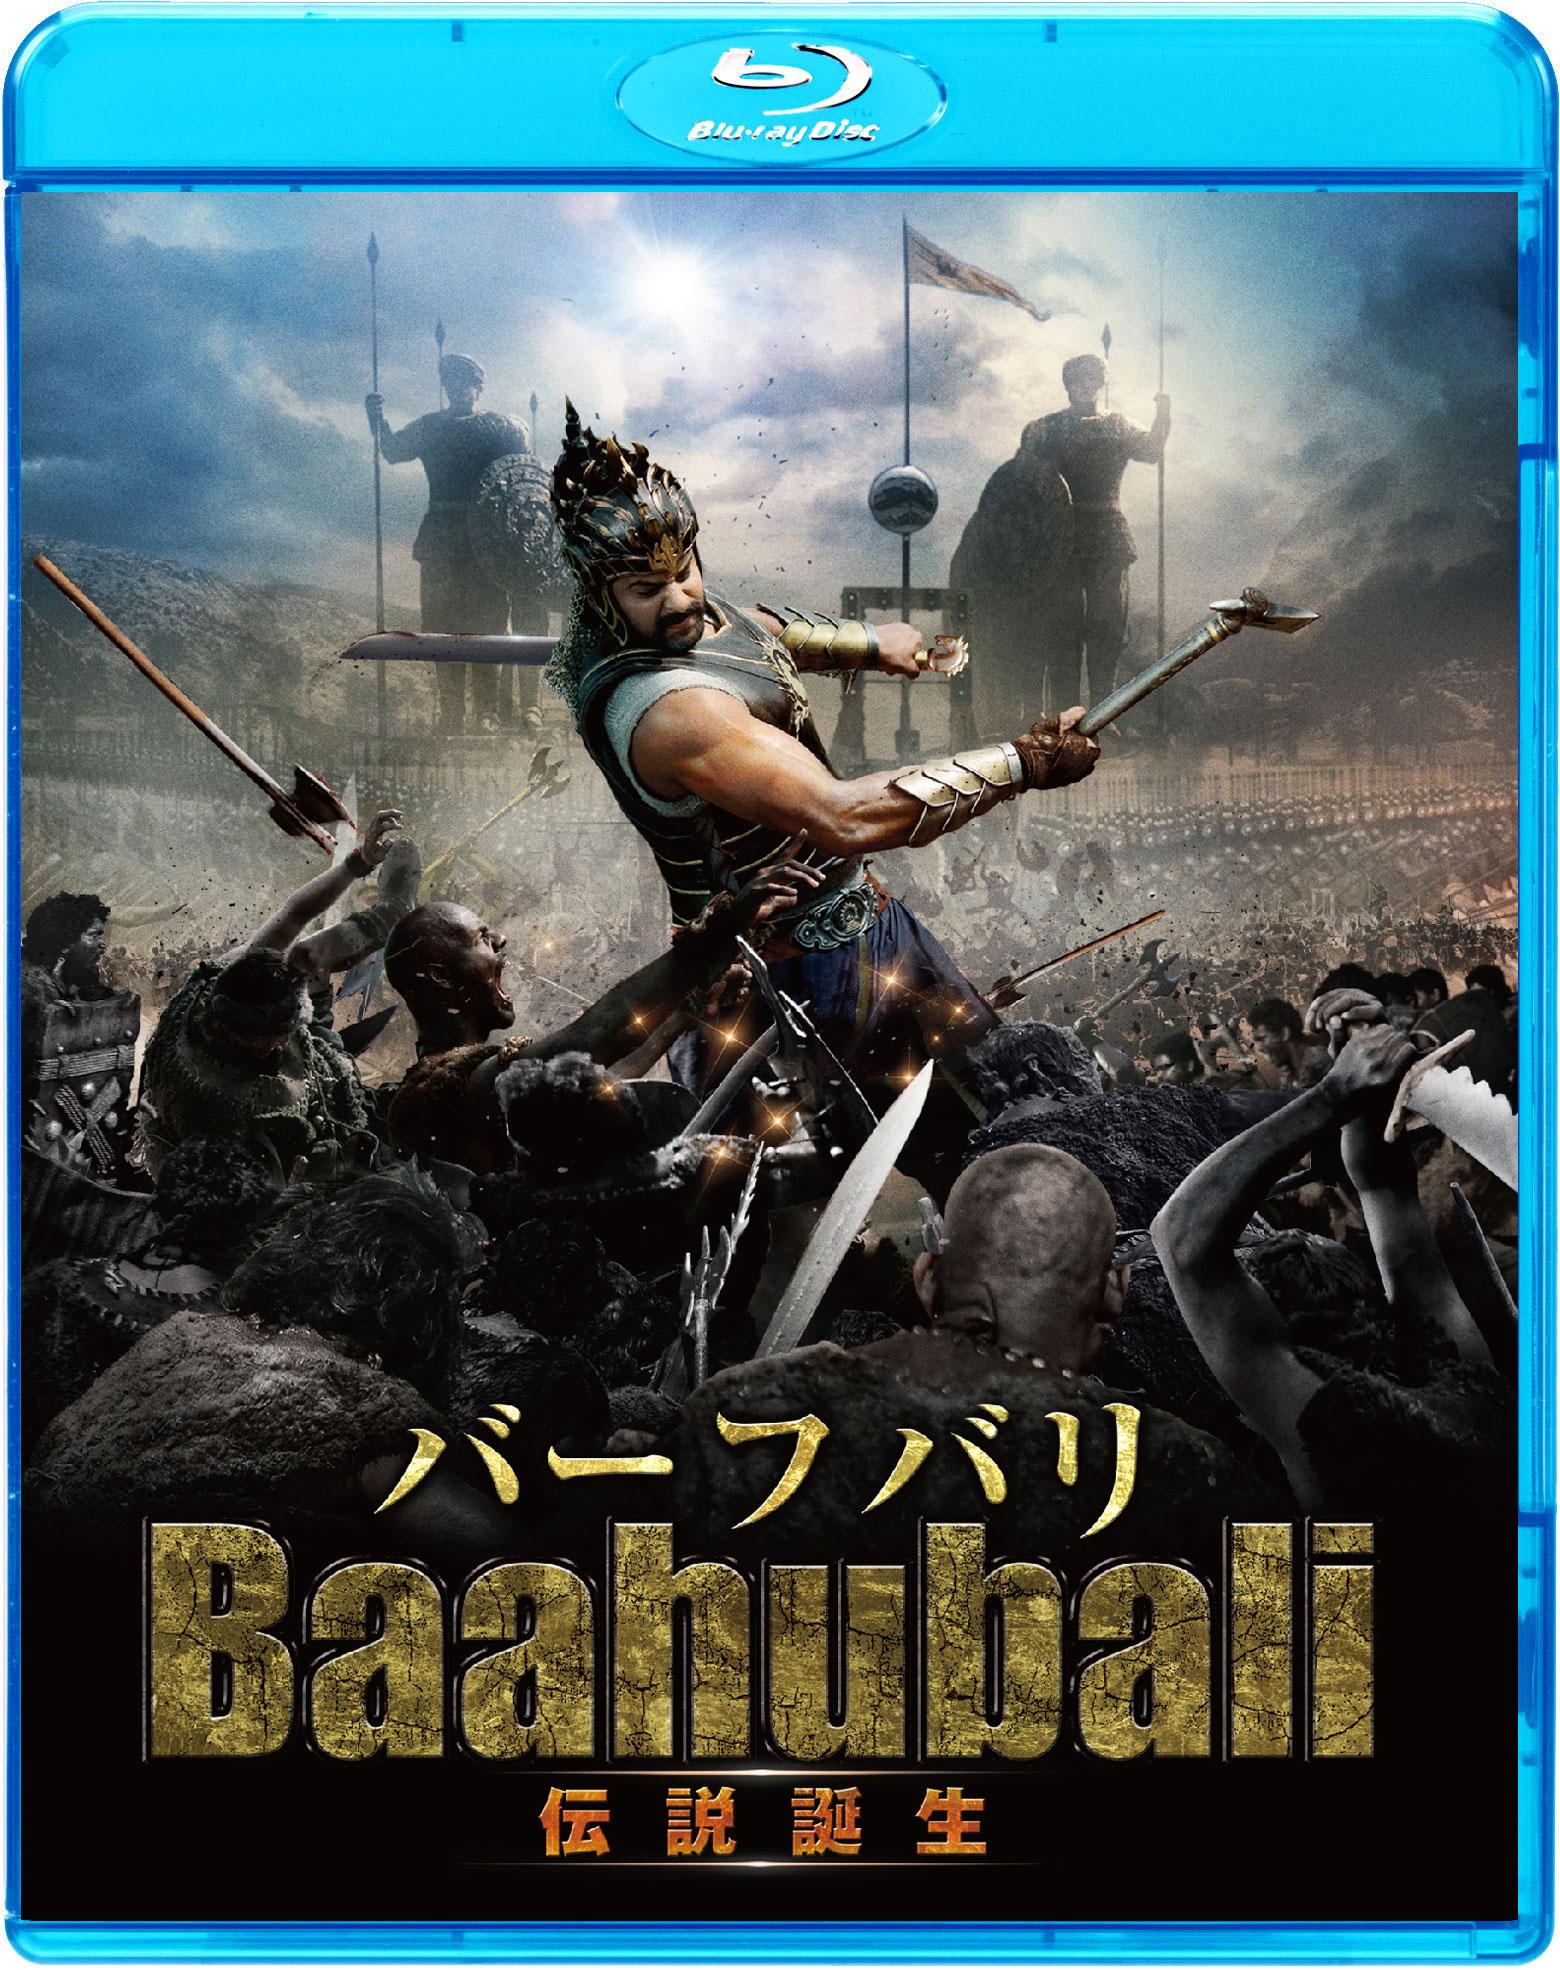 baahubali_sell-BD_JK